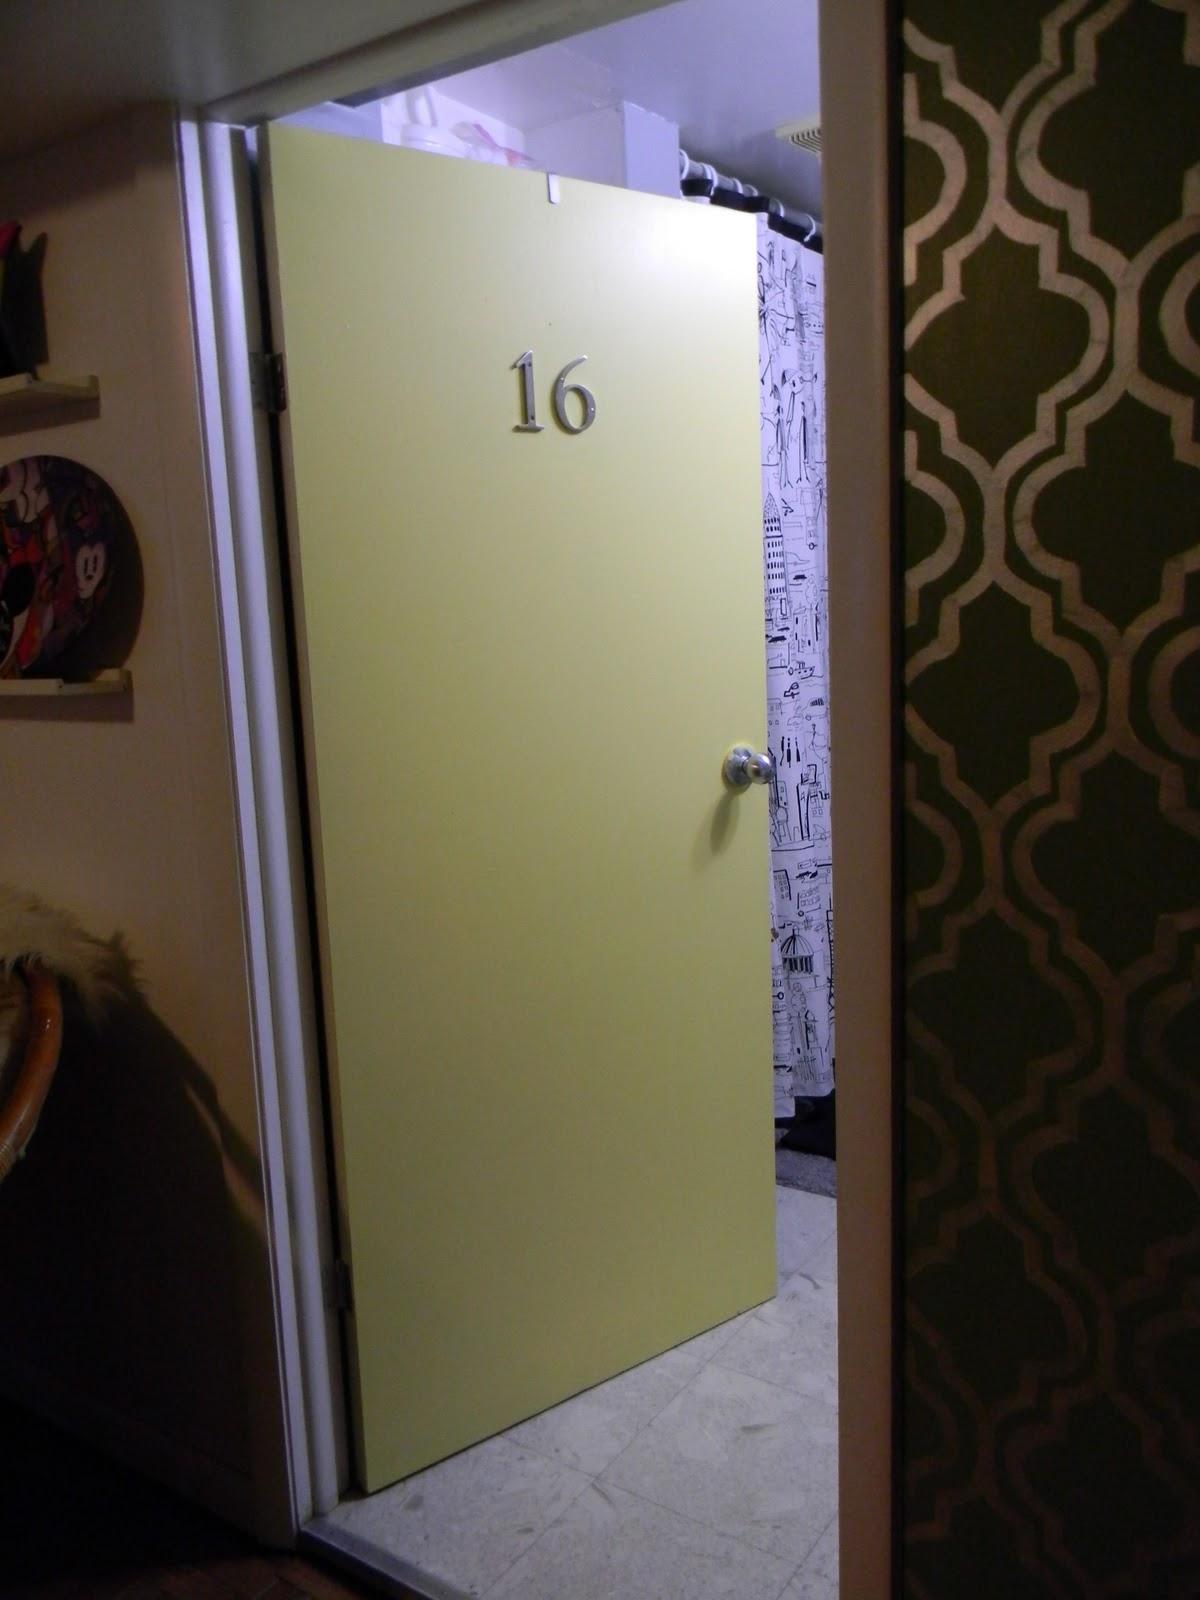 Apartment Door Numbers: Вдъхновяващи съвети за интериора от ...